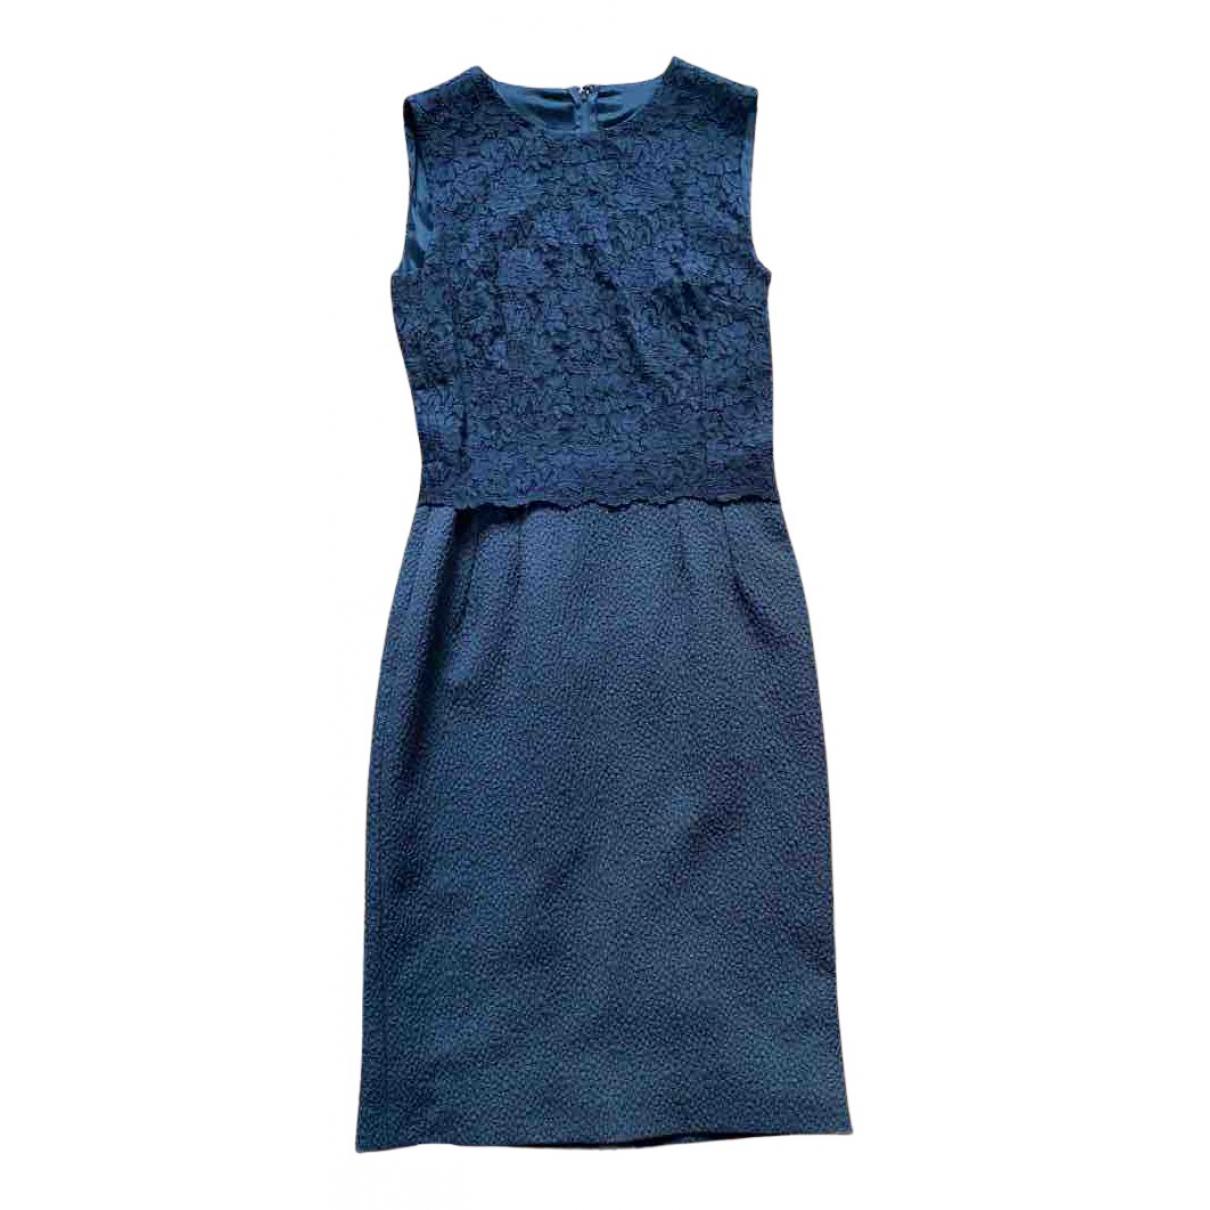 Dolce & Gabbana N Black Lace dress for Women 40 IT